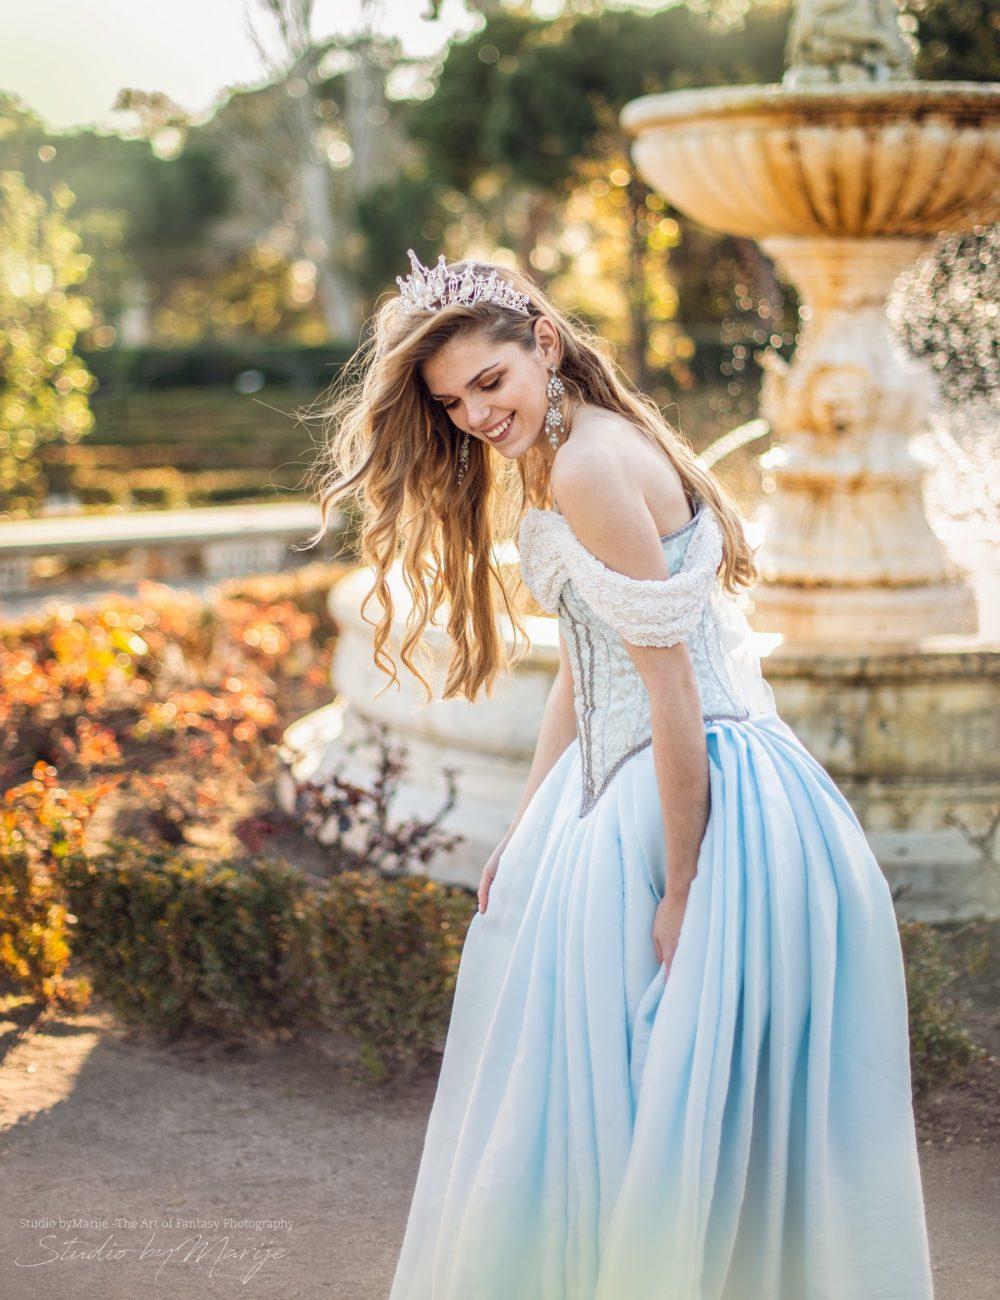 Fantasy Fotografie - Elena Tarta